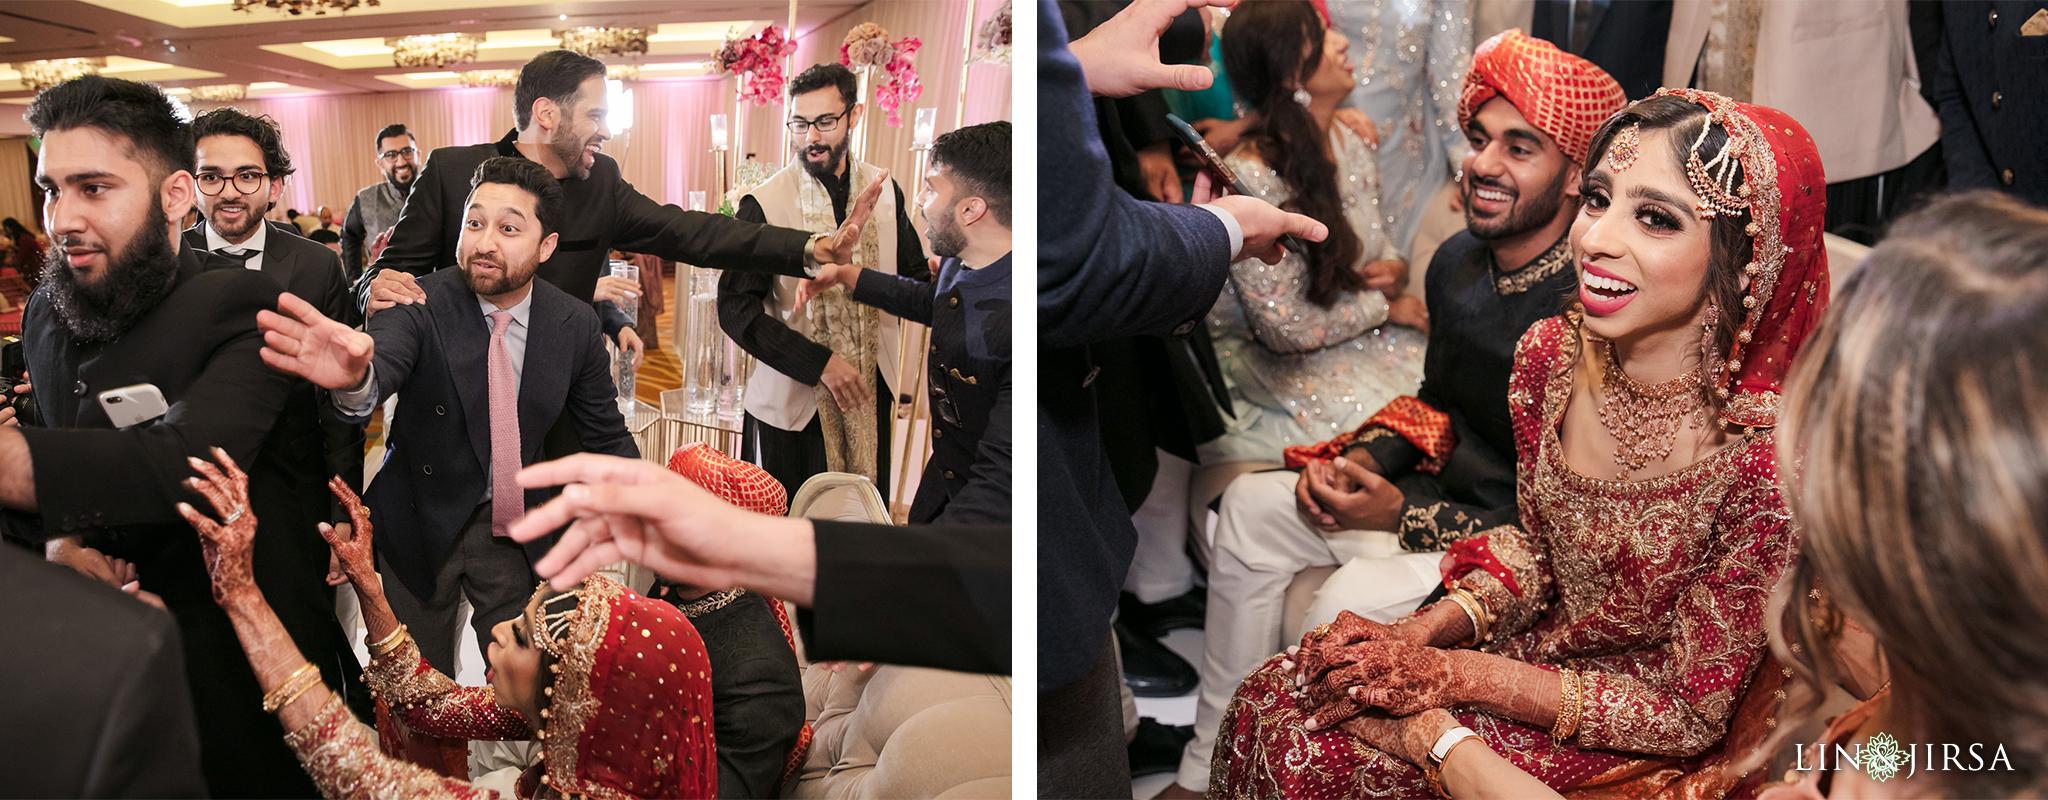 45 Hyatt Regency Garden Grove Pakistani Muslim Wedding Photography